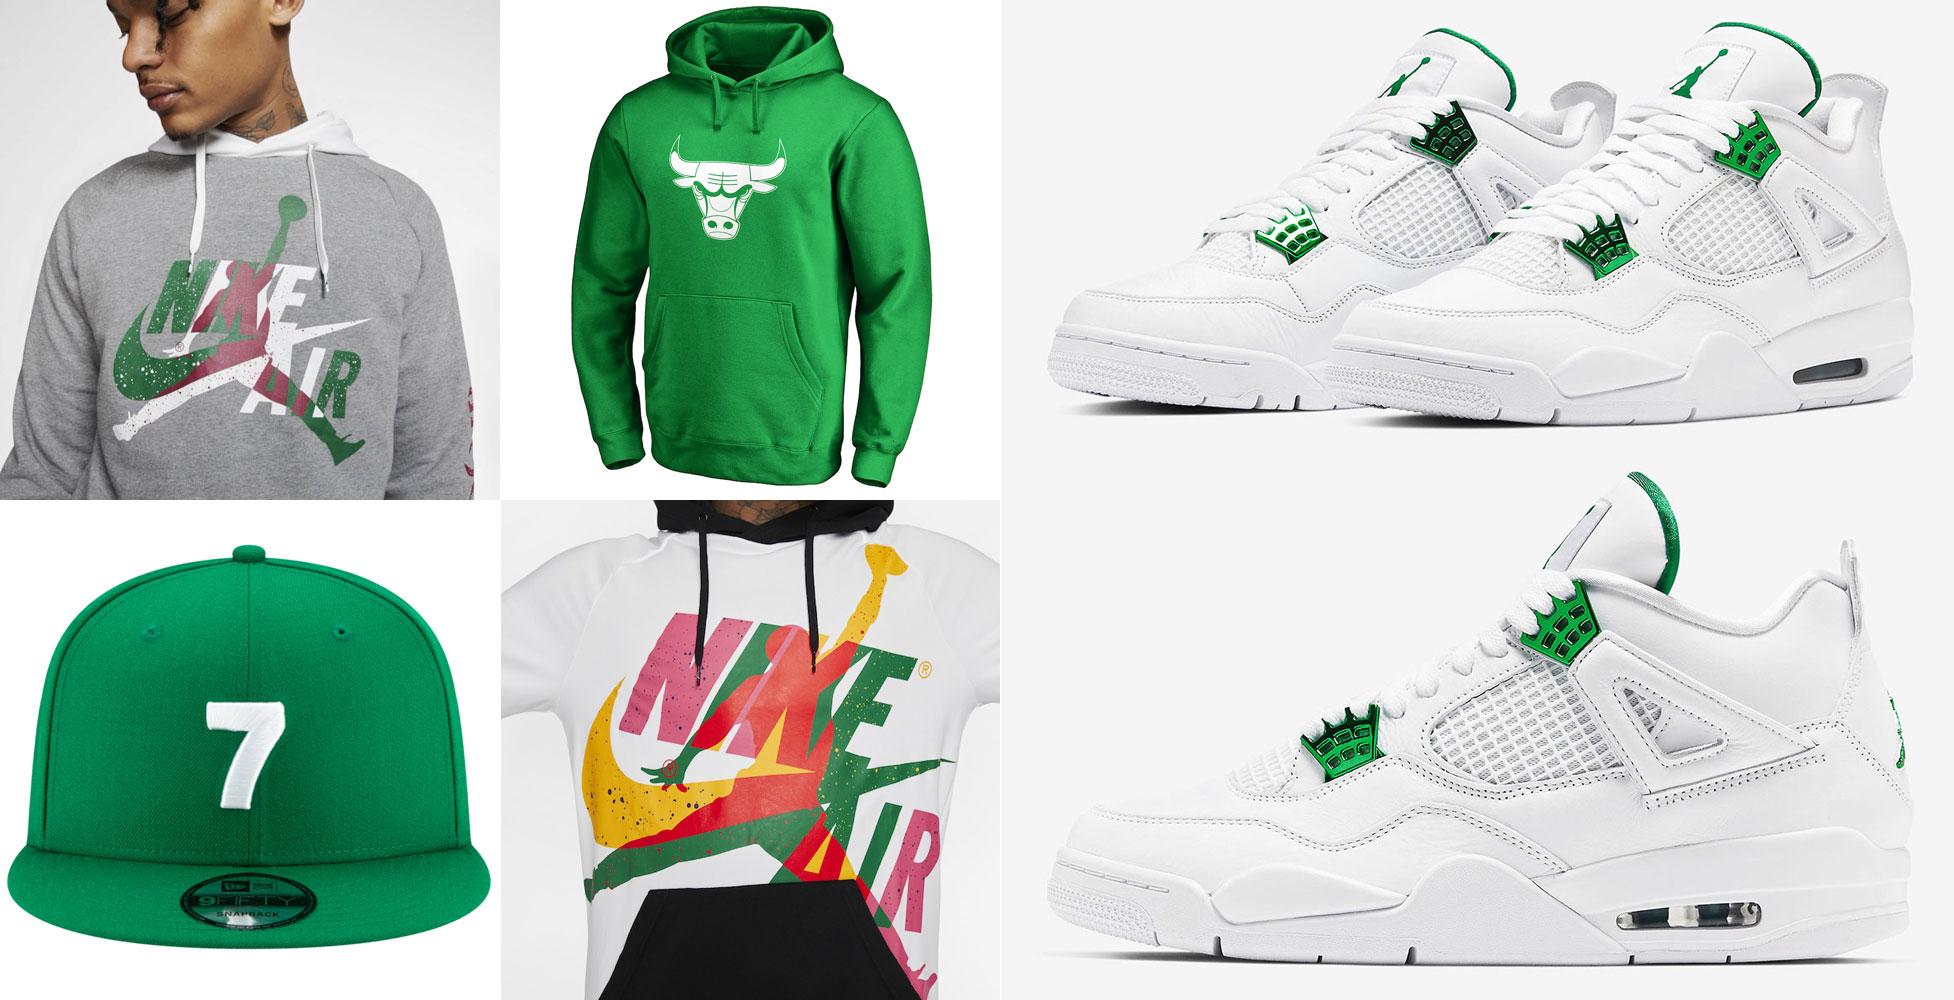 air-jordan-4-metallic-green-sneaker-outfits